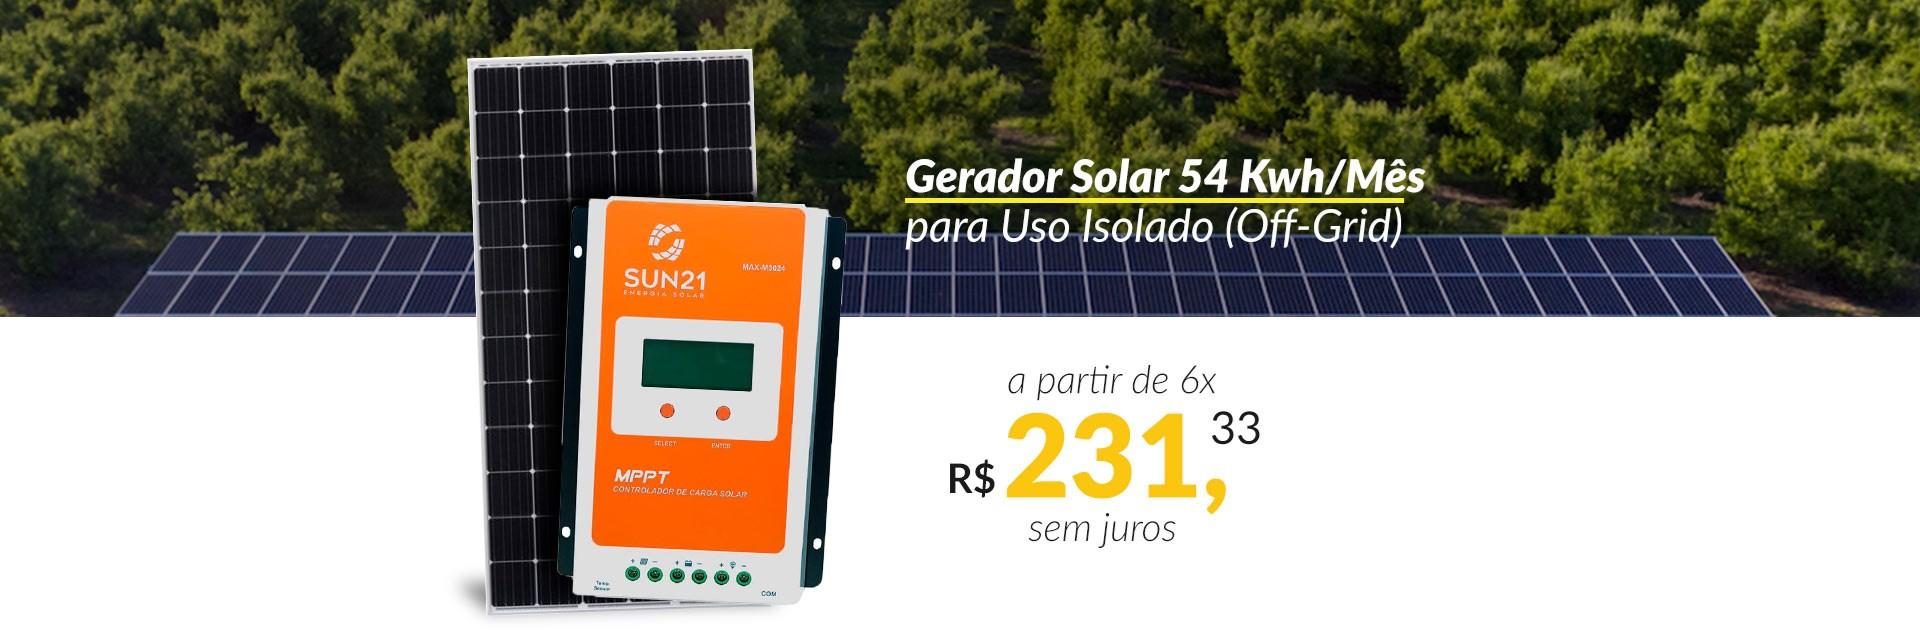 Gerador Solar off-grid 54Kwh/Mes